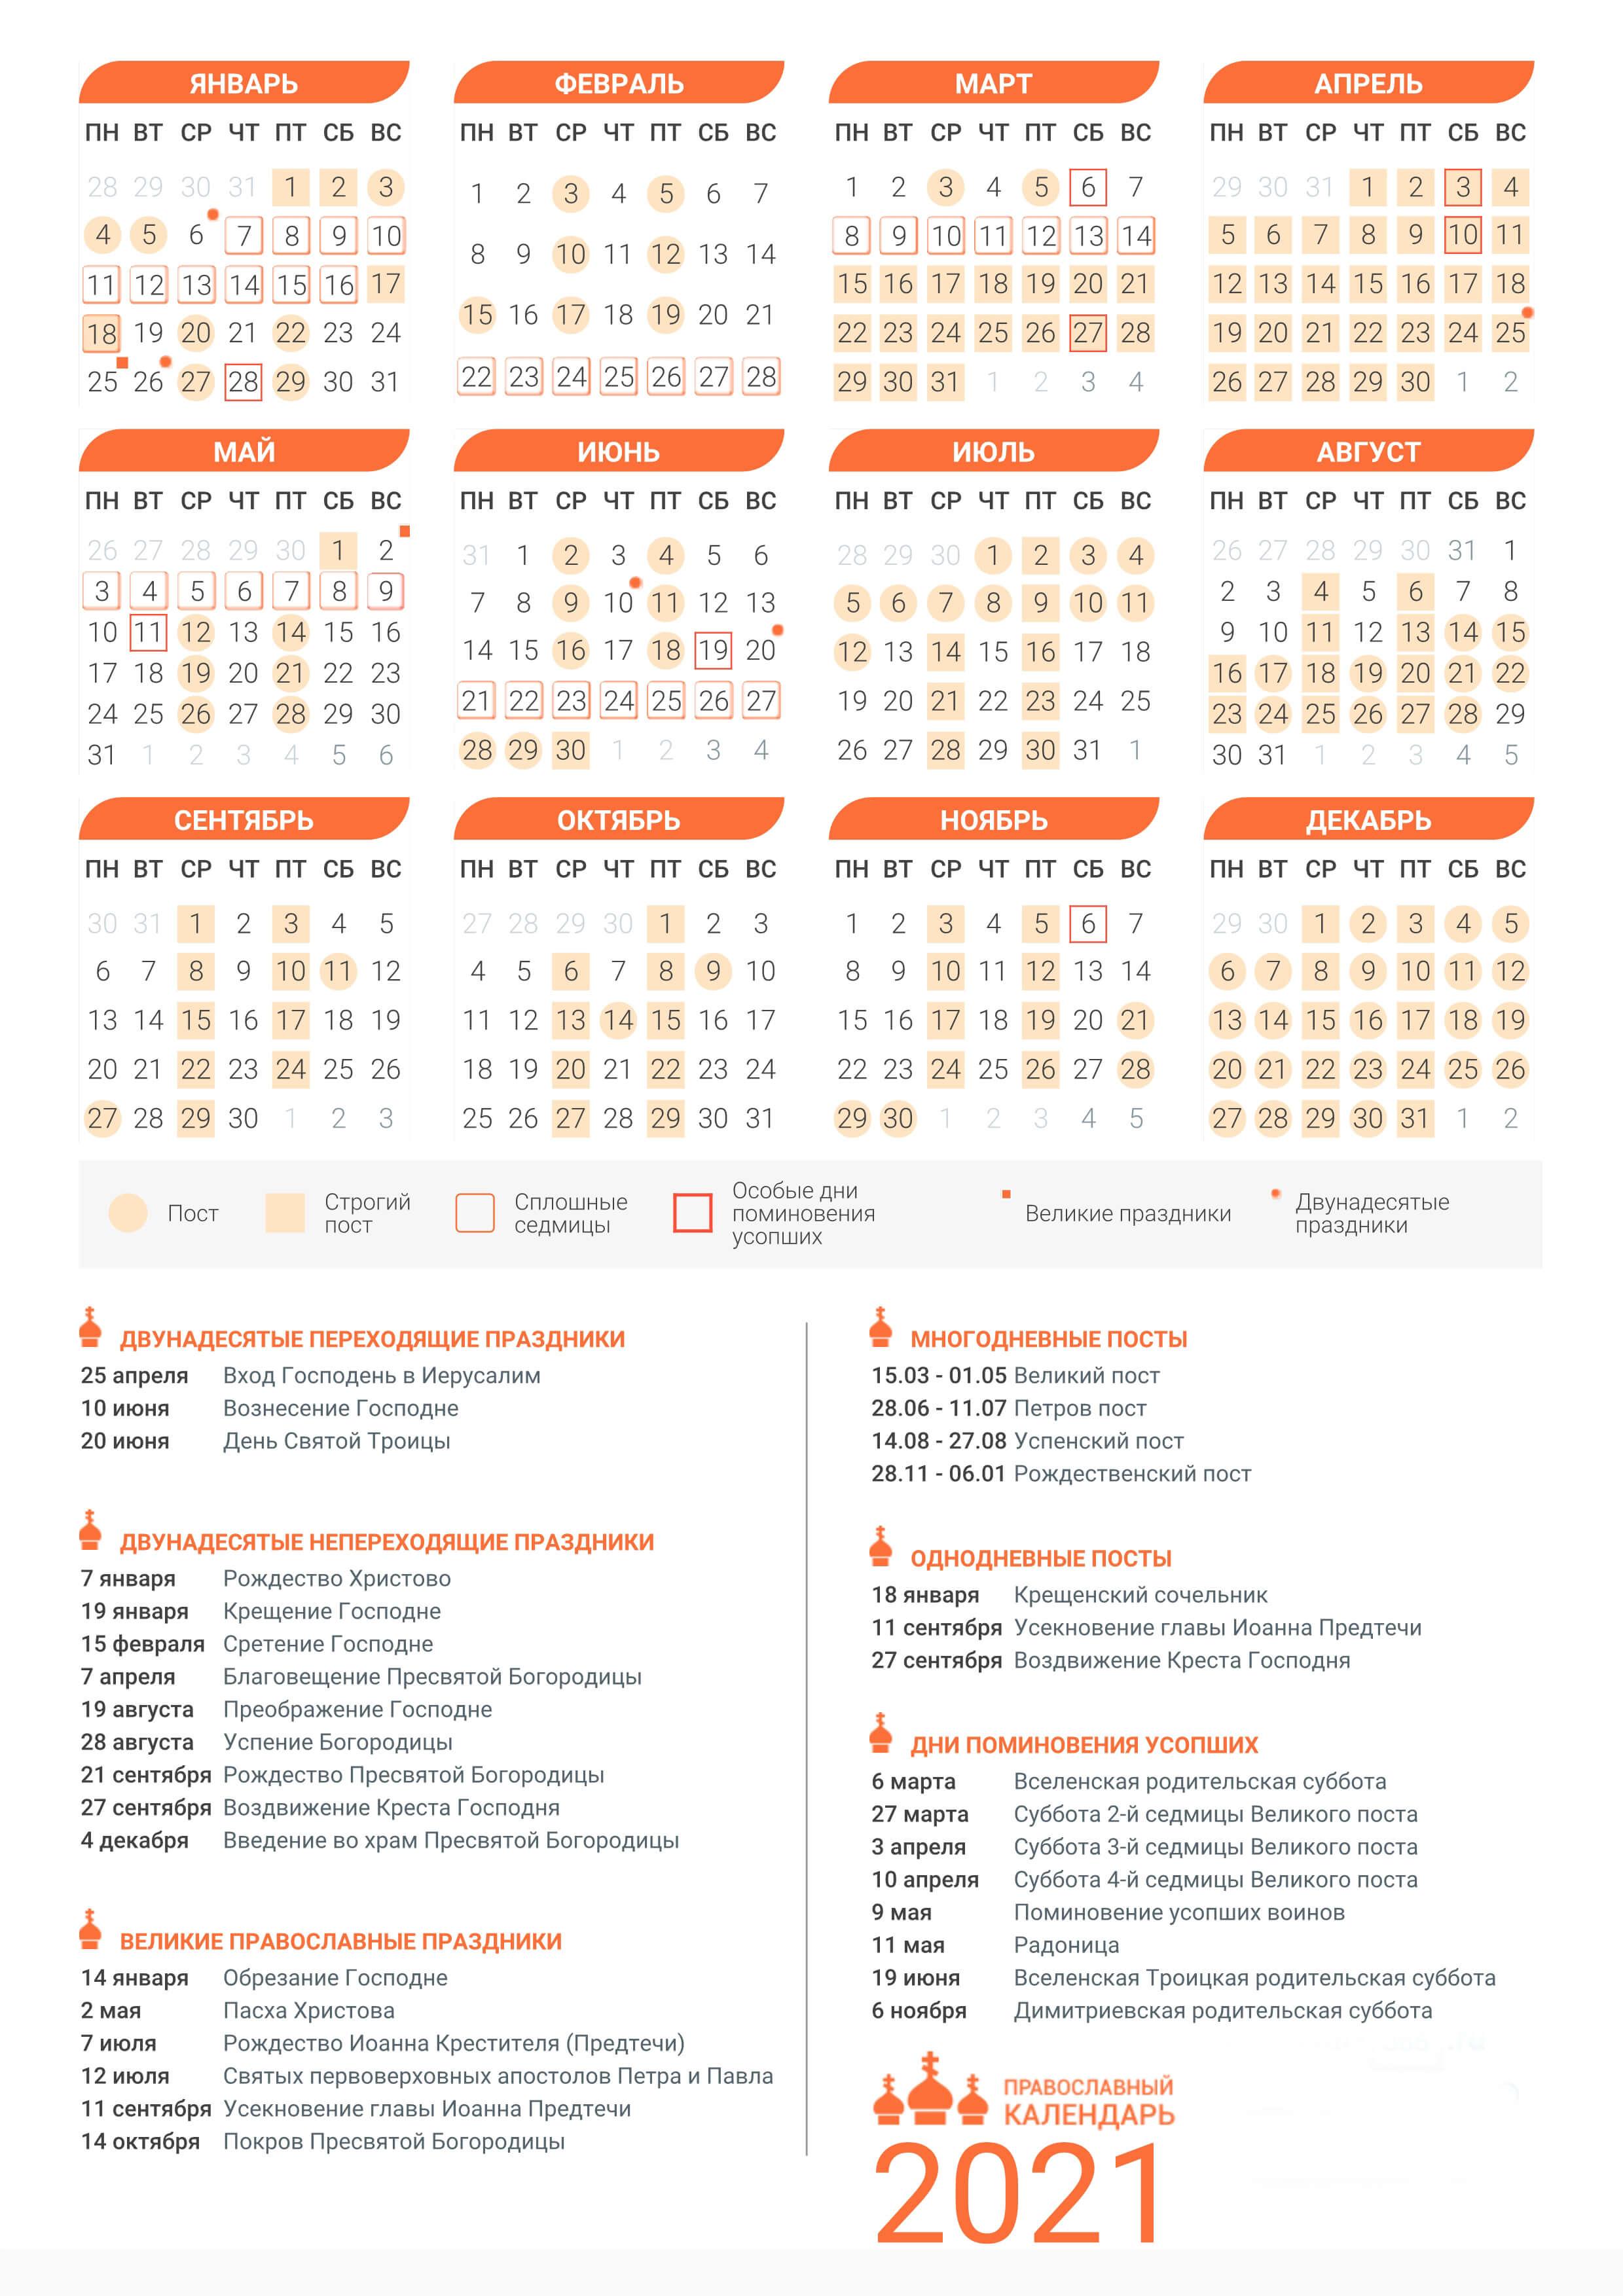 церковный православный календарь праздников на 2021 года